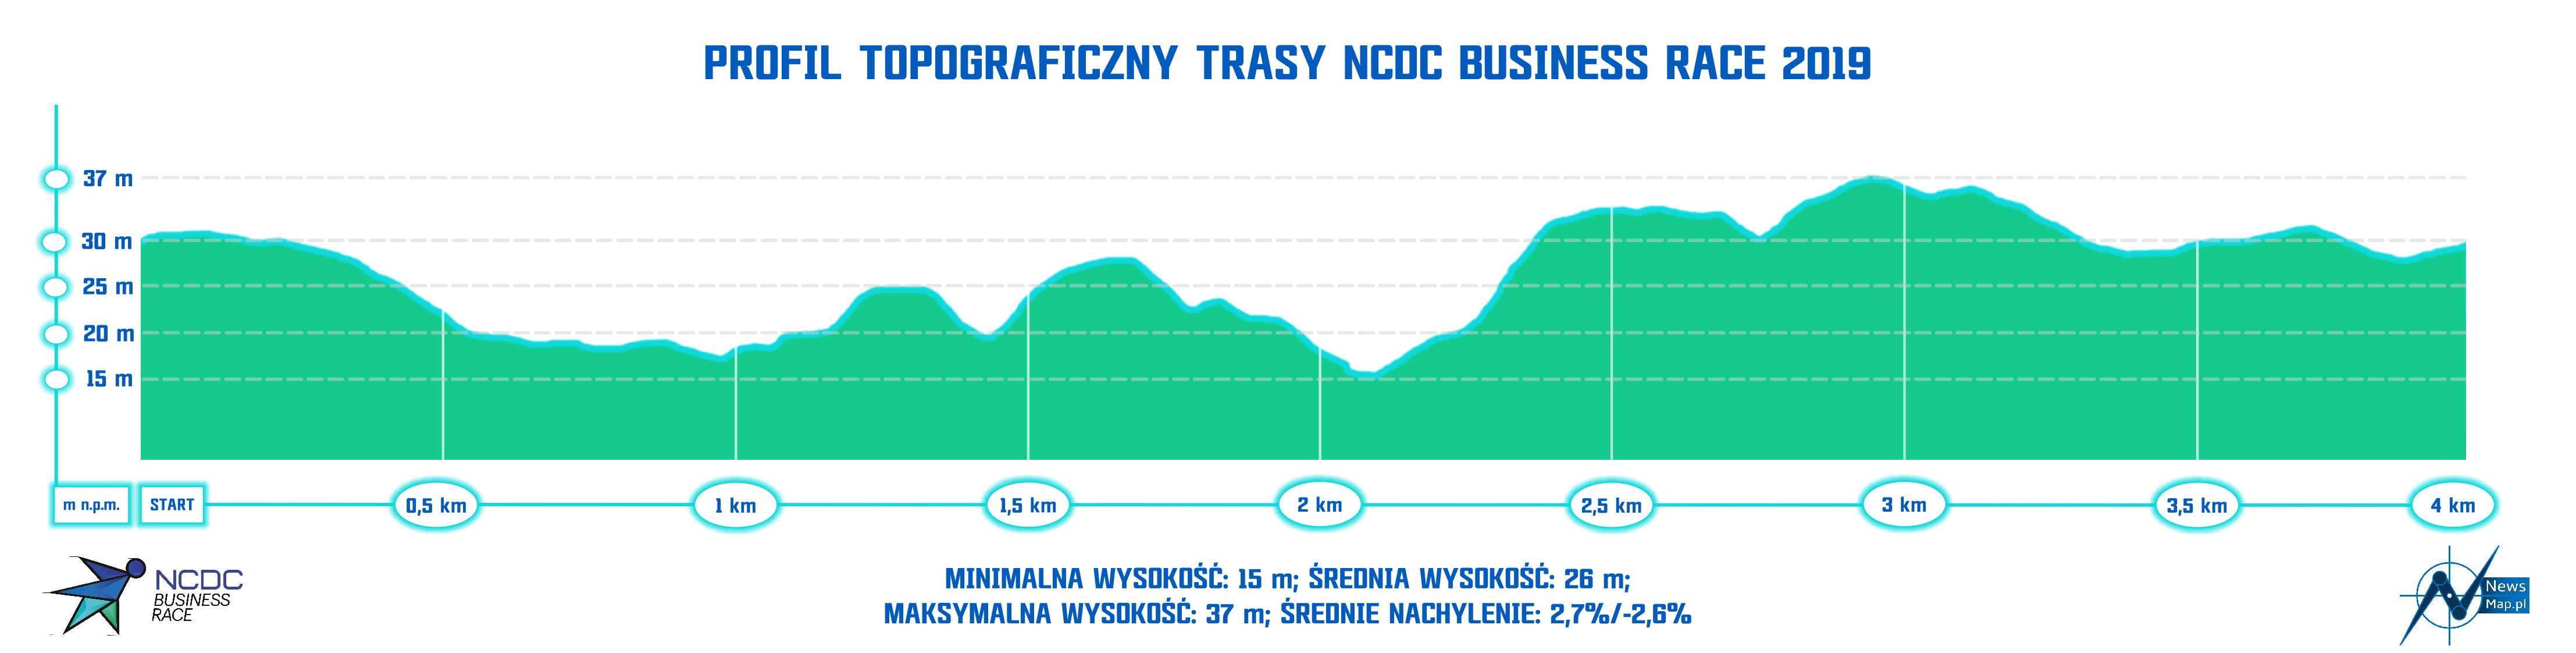 Profil topograficzny NCDC 2019